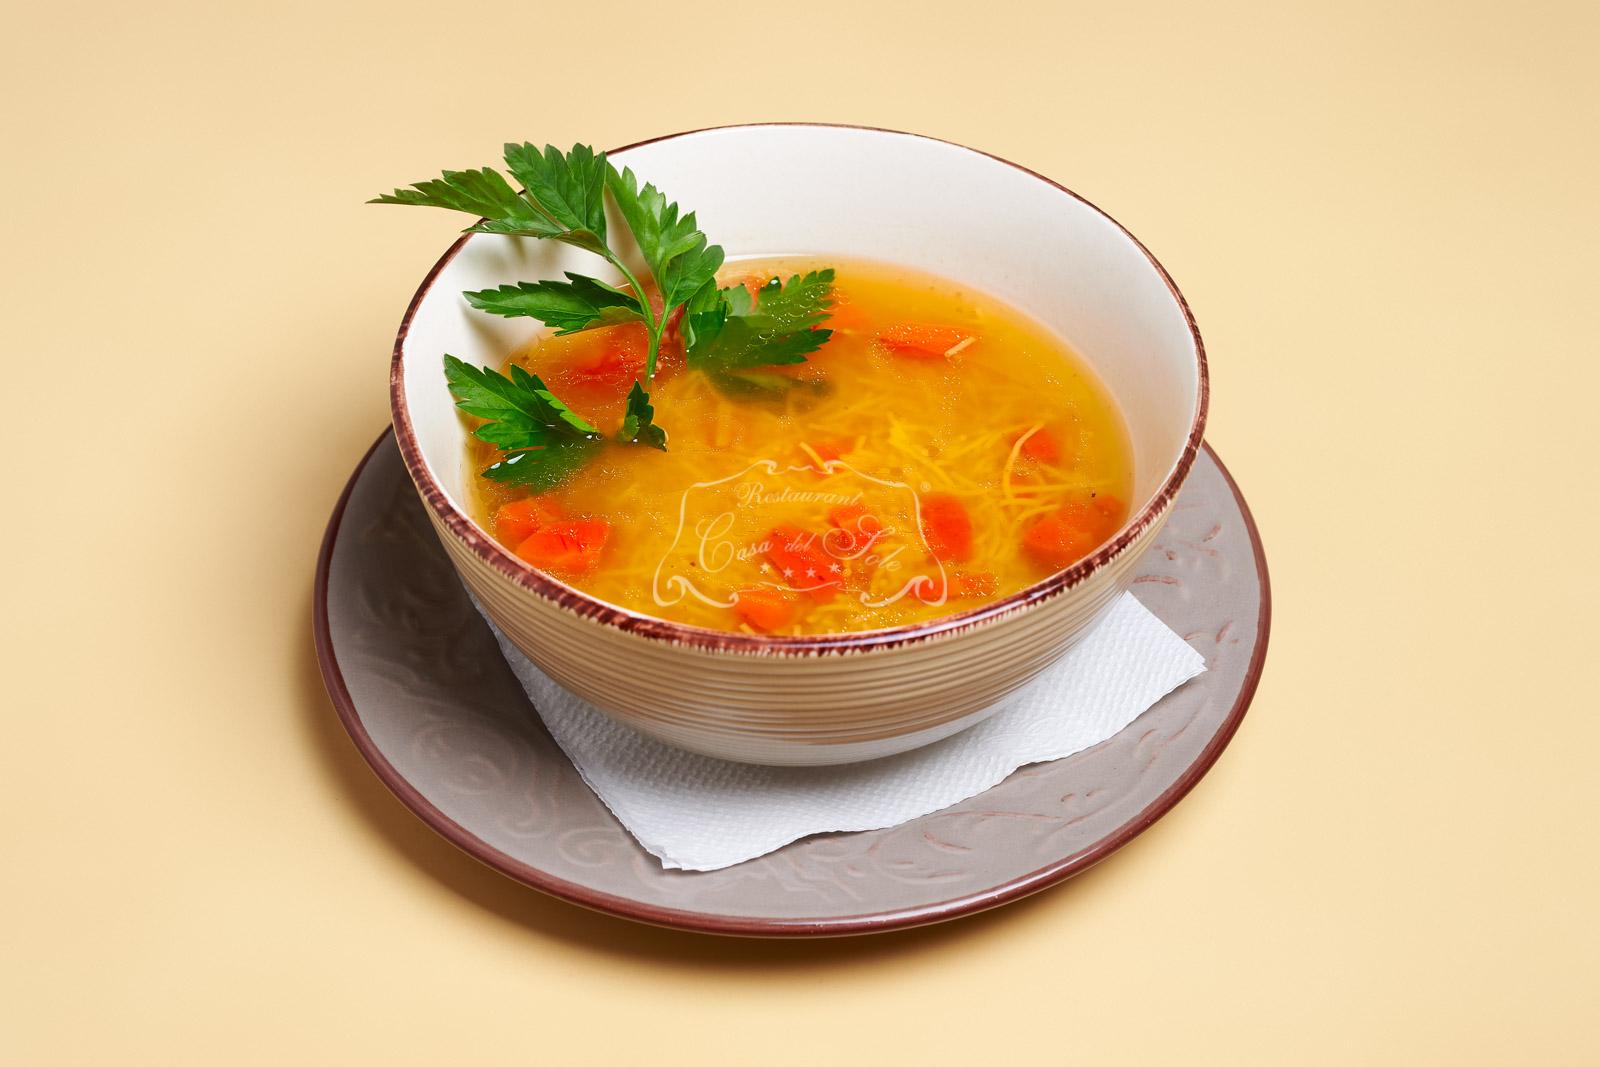 Supa de vita cu taitei de casa 1.4 kg livram acasa ori la birou in Timisoara